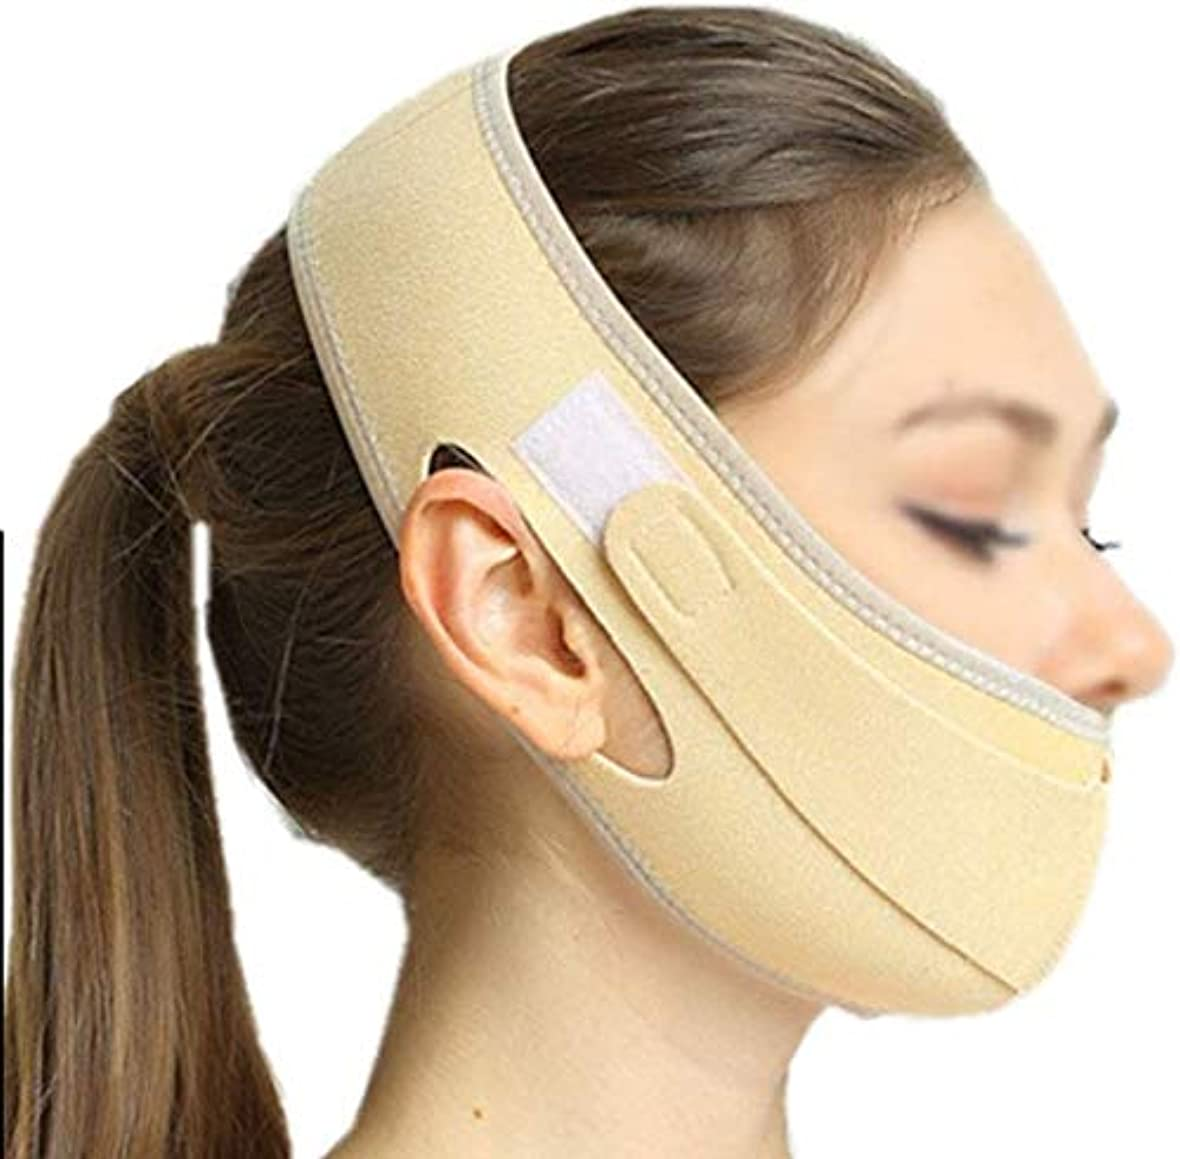 飢相関する改修美容と実用的なフェイスリフトマスク、化粧品回復マスク、薄いダブルチンリフティングスキンで小さなVフェイスバンデージを作成